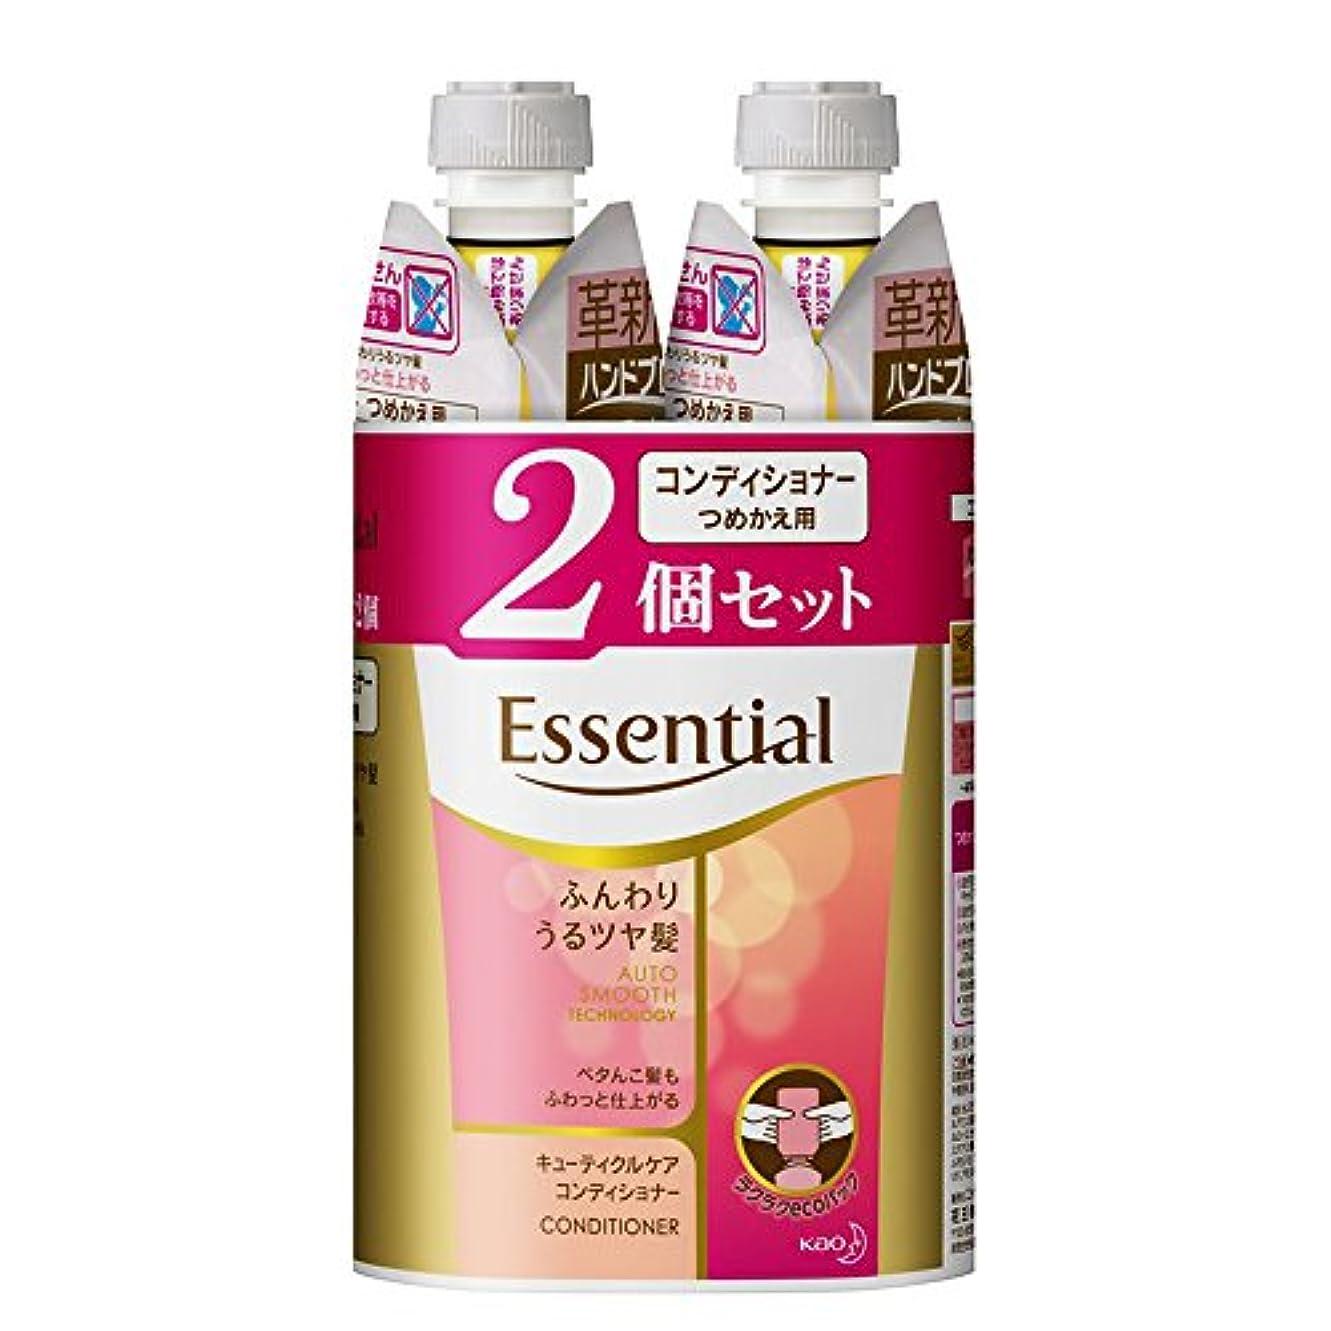 エントリ要求適合エッセンシャル コンディショナー ふんわりうるツヤ髪 つめかえ用 340ml×2個